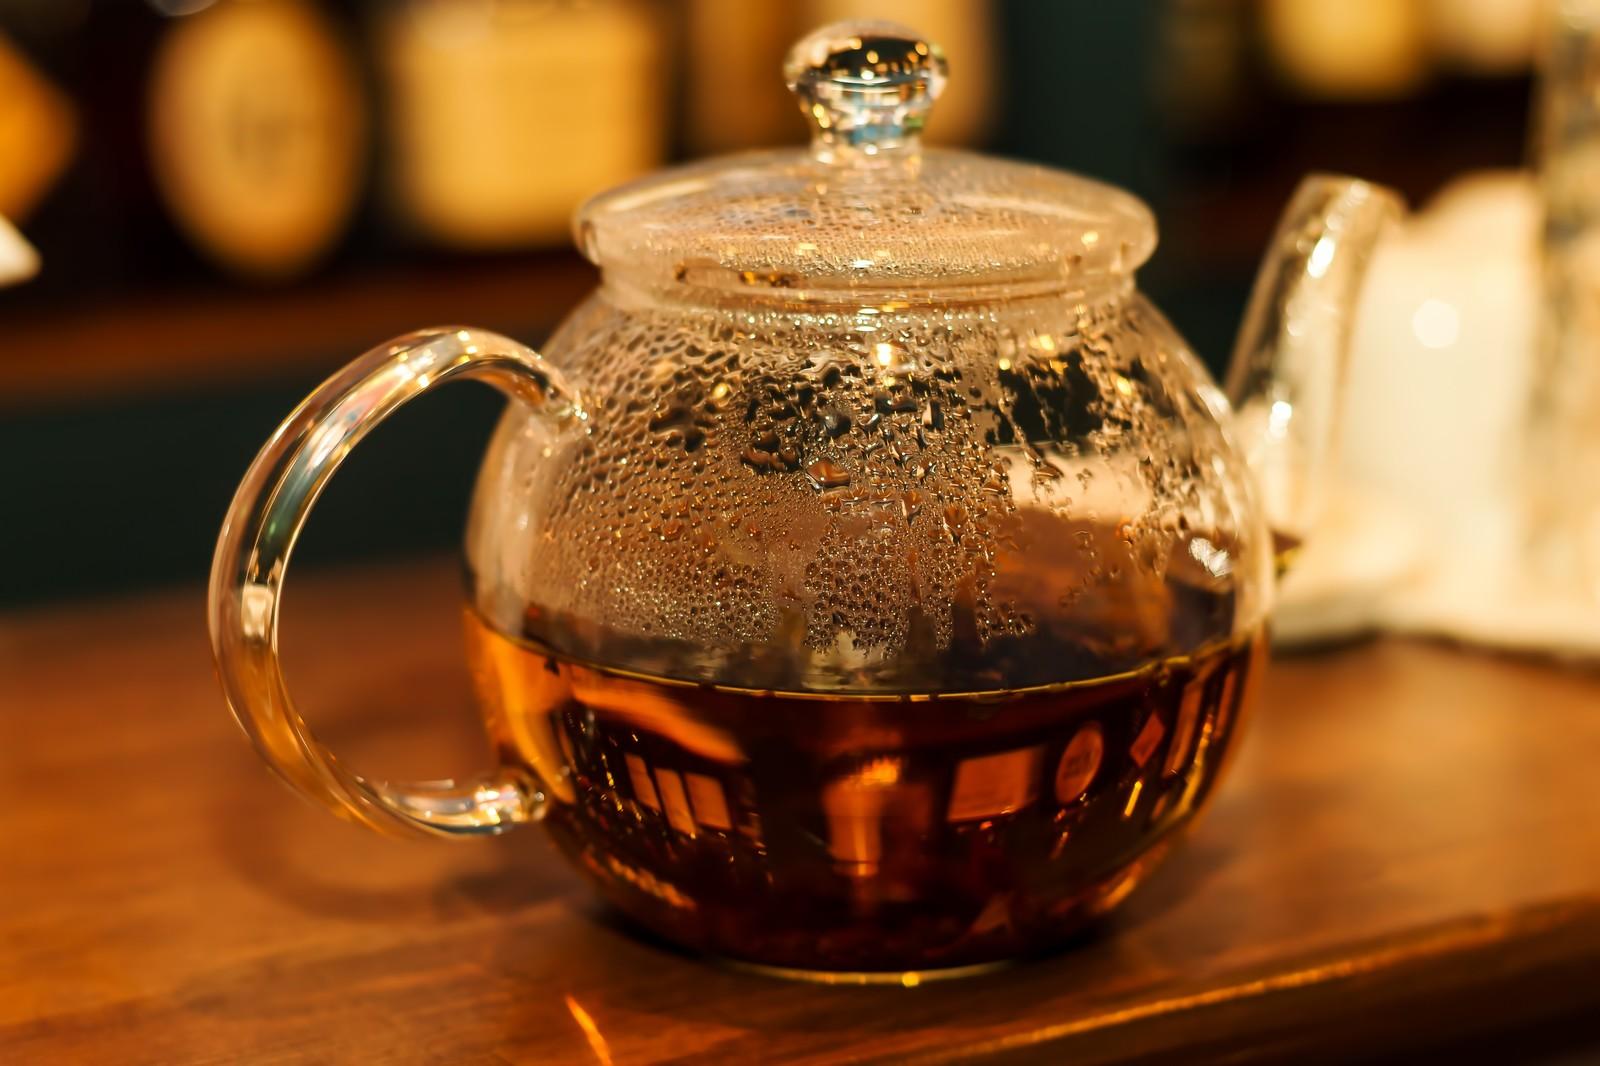 とあるフリーランスの【紅茶の時間】:『LUPICIA (ルピシア) THE BOOK OF TEA LA BELLE EPOQUE2』予約しました。